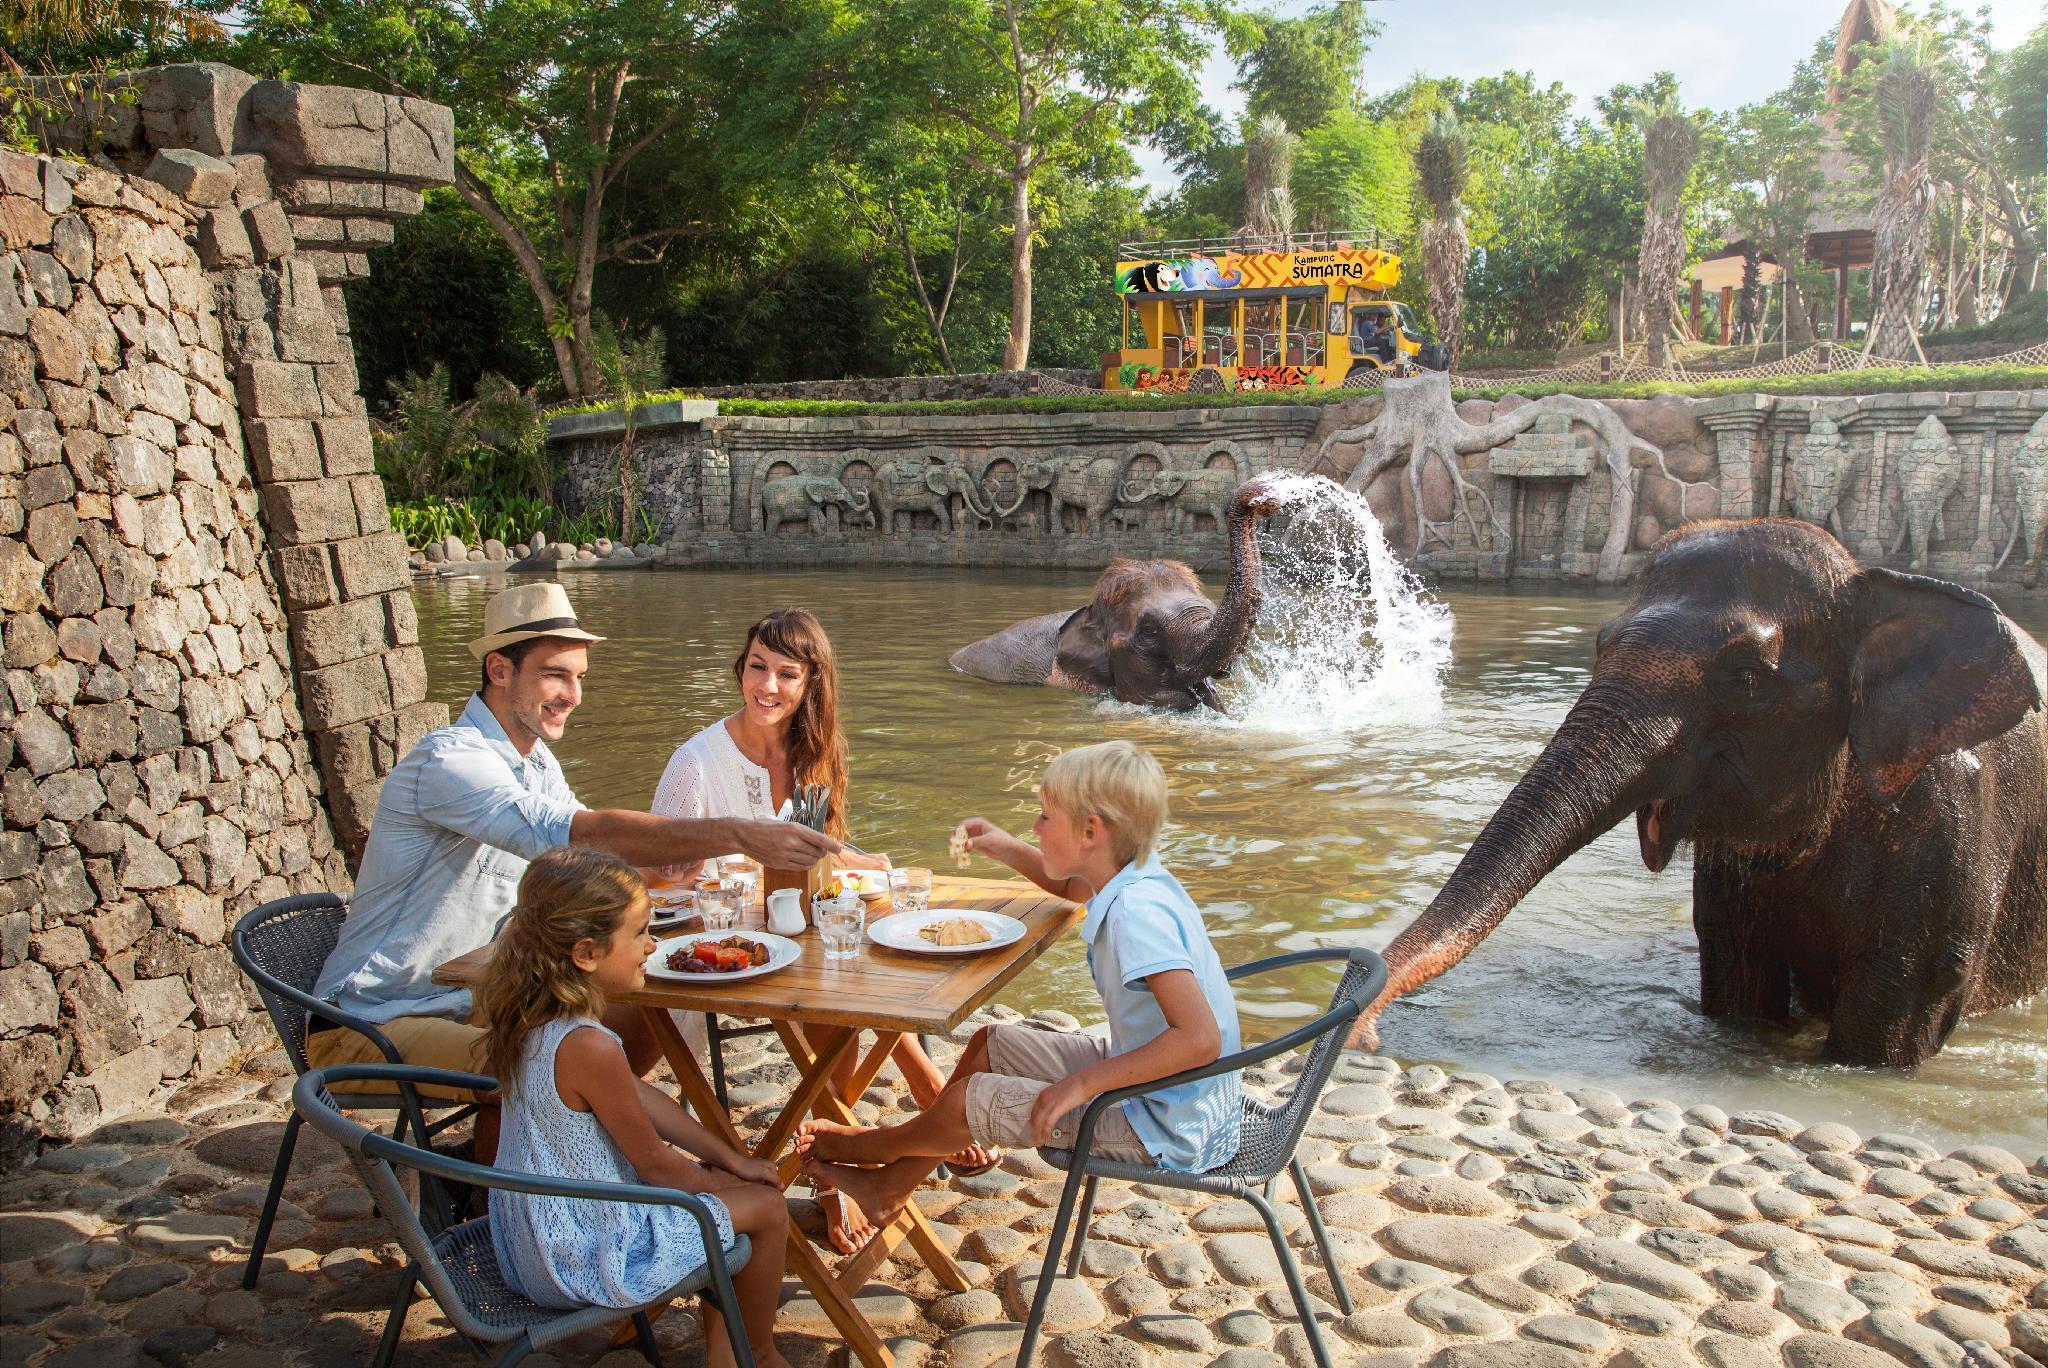 The Sanctoo Villa At Bali Zoo